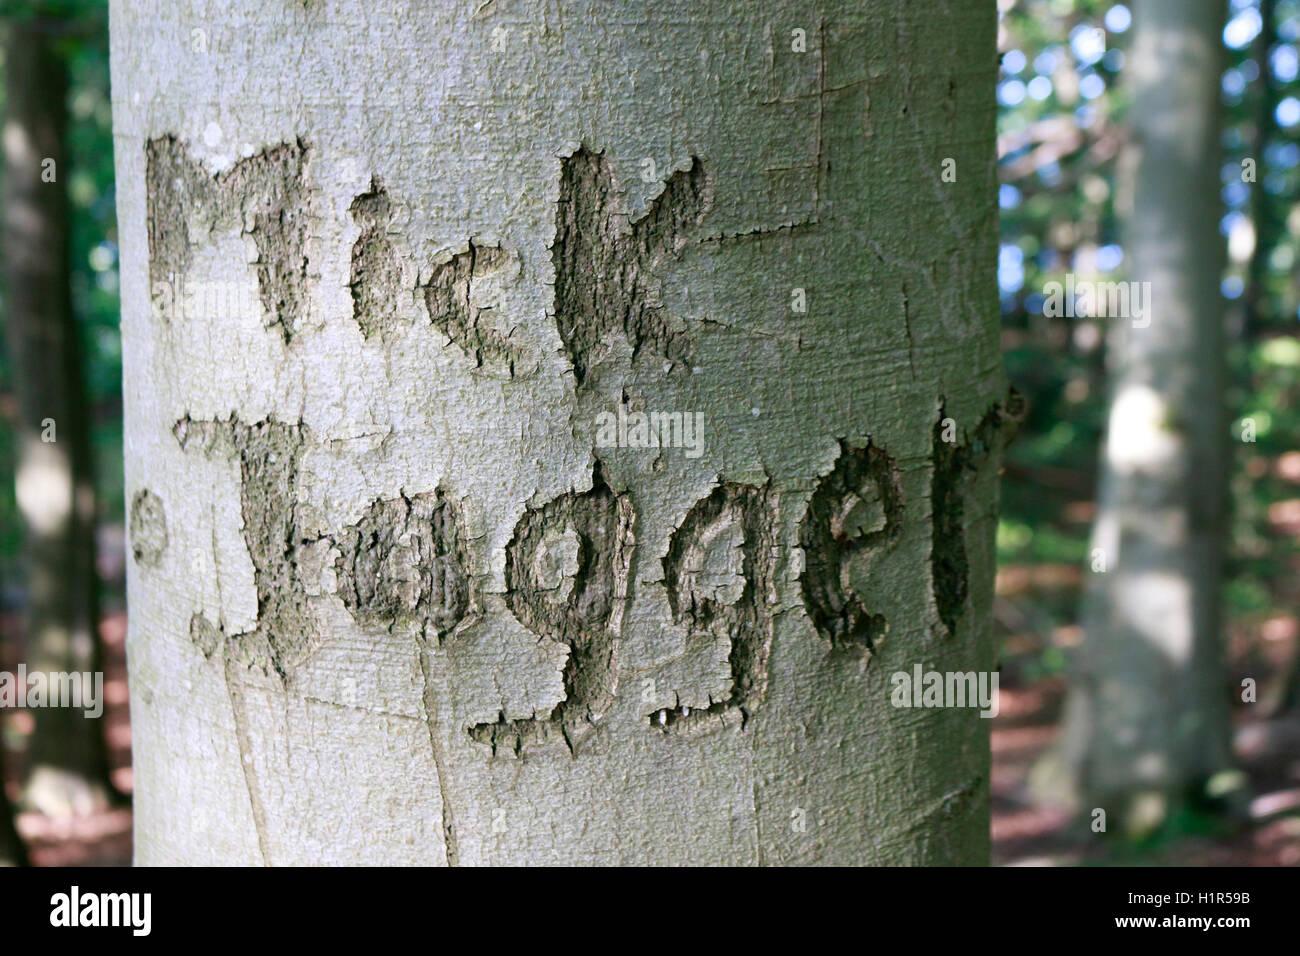 'Mick Jagger' in Baum eingeritzt, Ruegen. - Stock Image